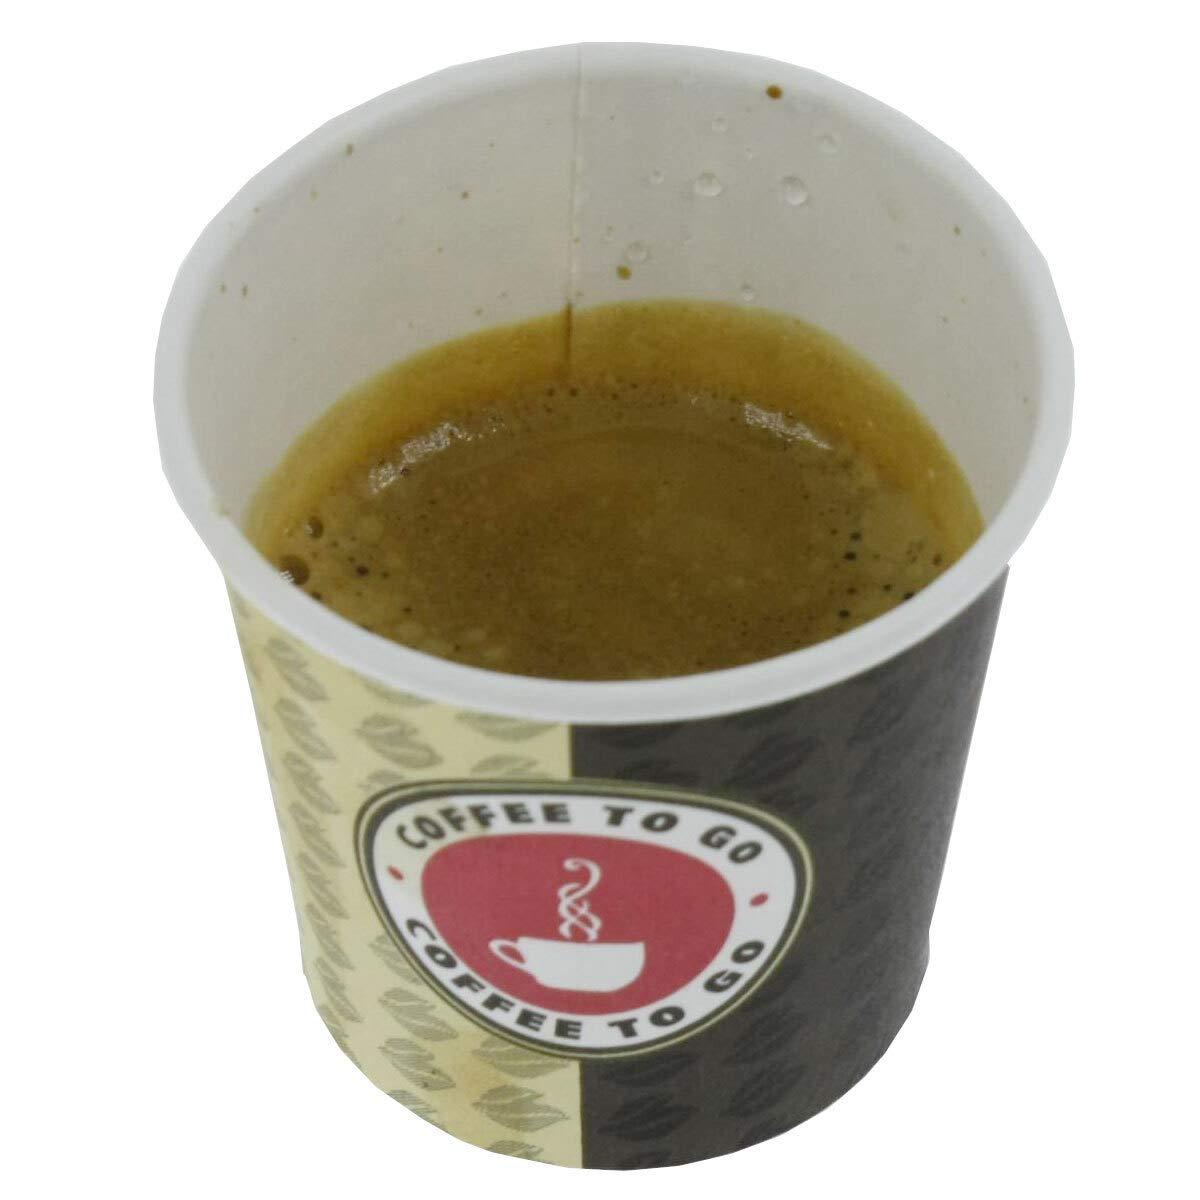 Taza de caf/é 100 ml, cart/ón Ecolle 1000 Premium Coffee TO GO